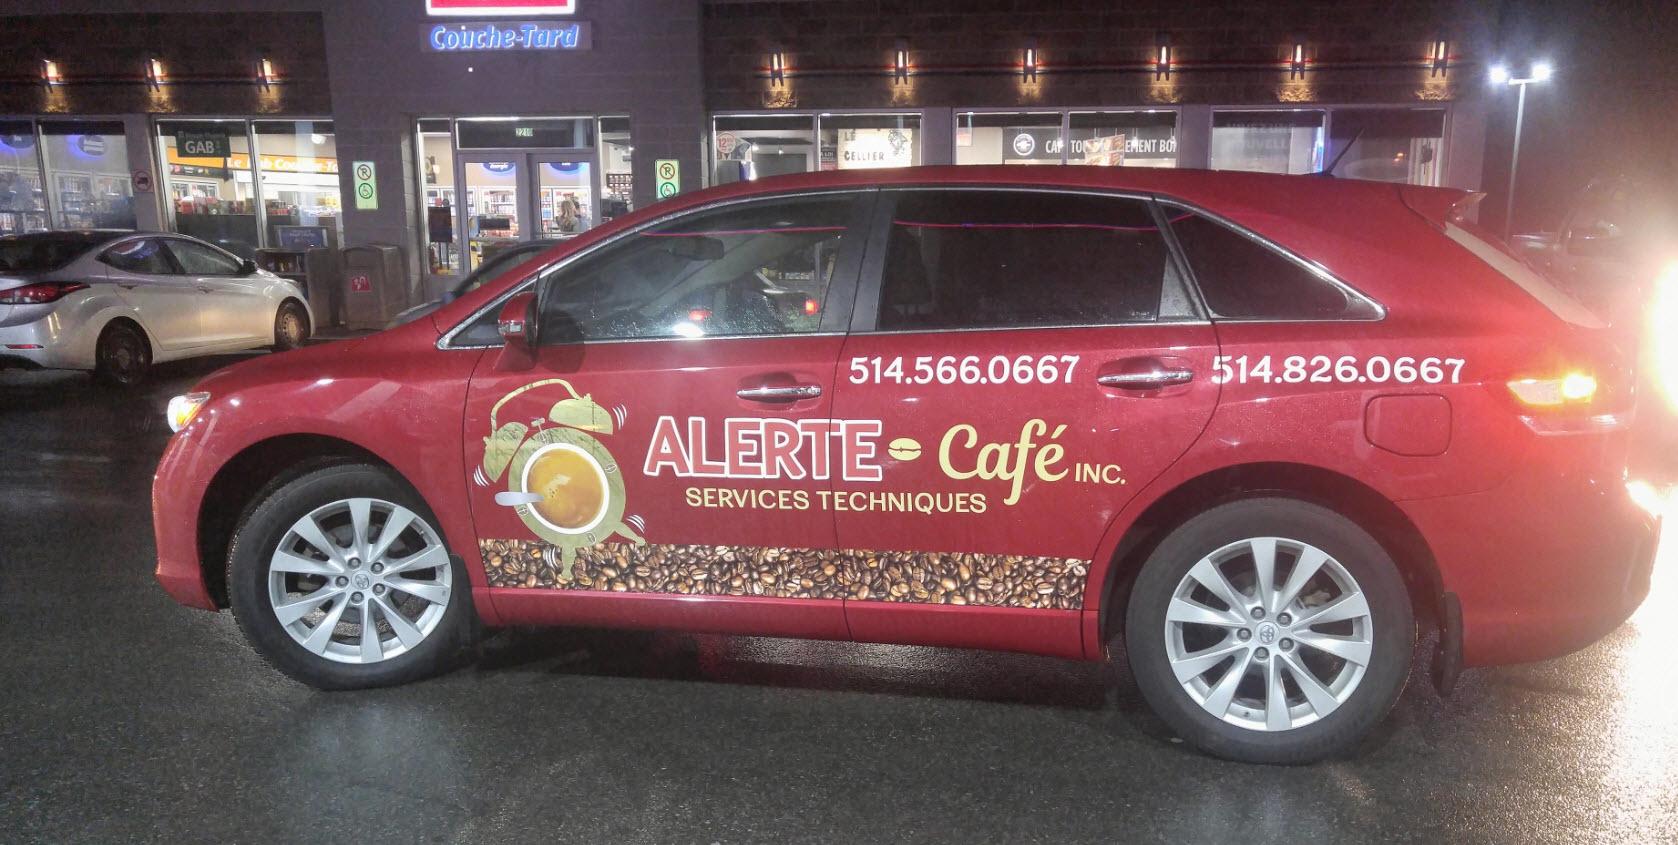 Alerte-Café Services Techniques Inc.